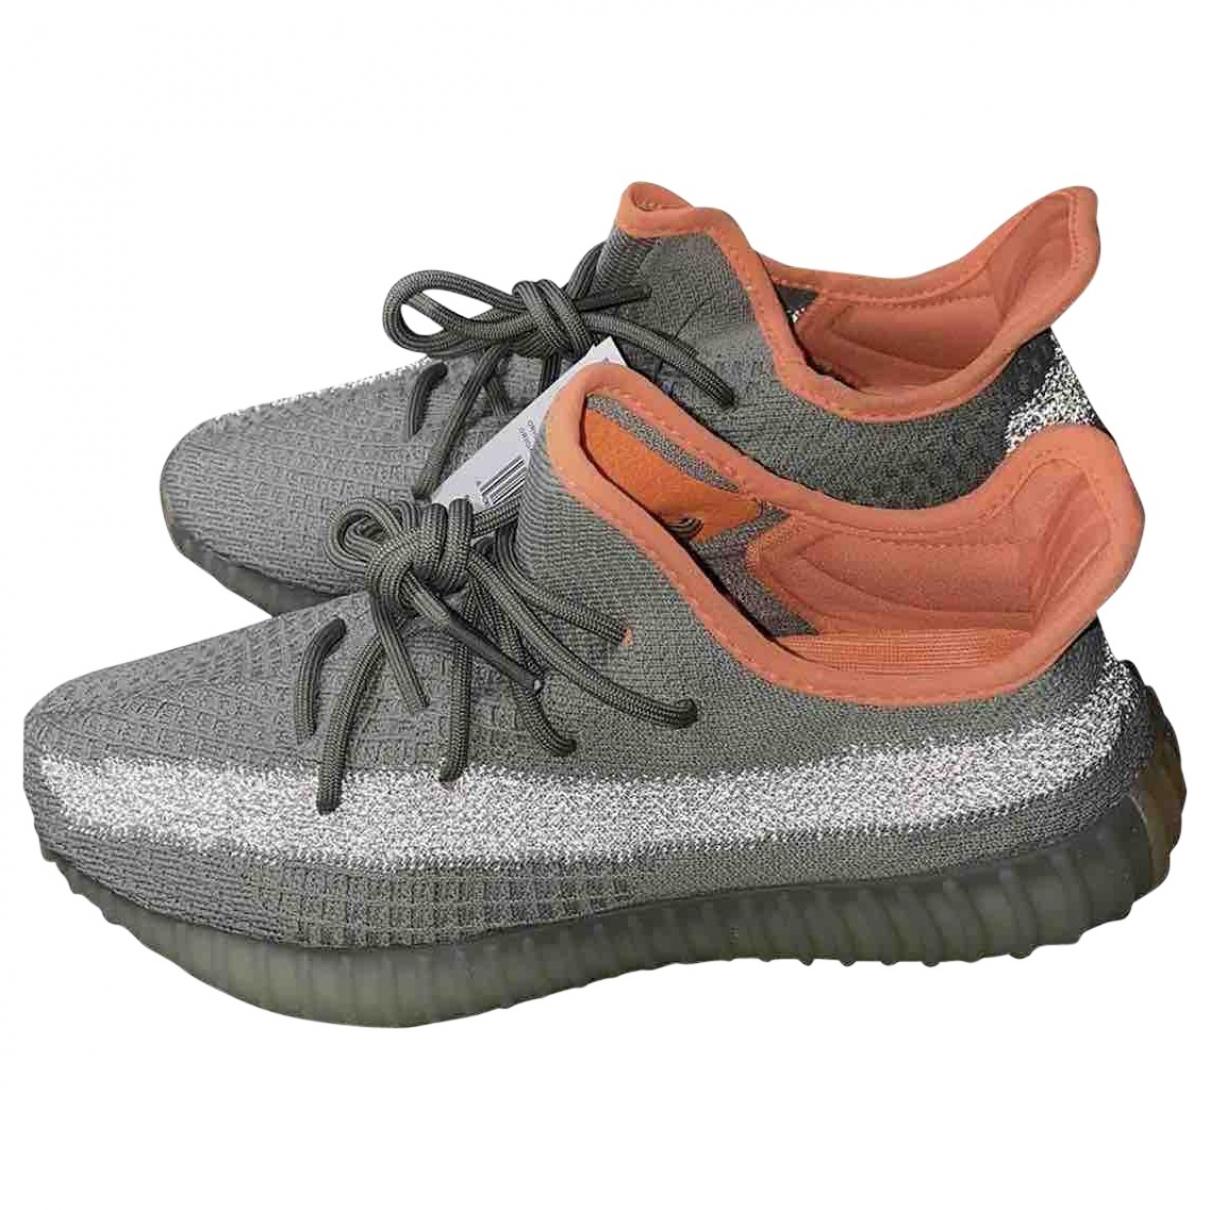 Yeezy X Adidas - Baskets Boost 350 V2 pour femme en suede - gris